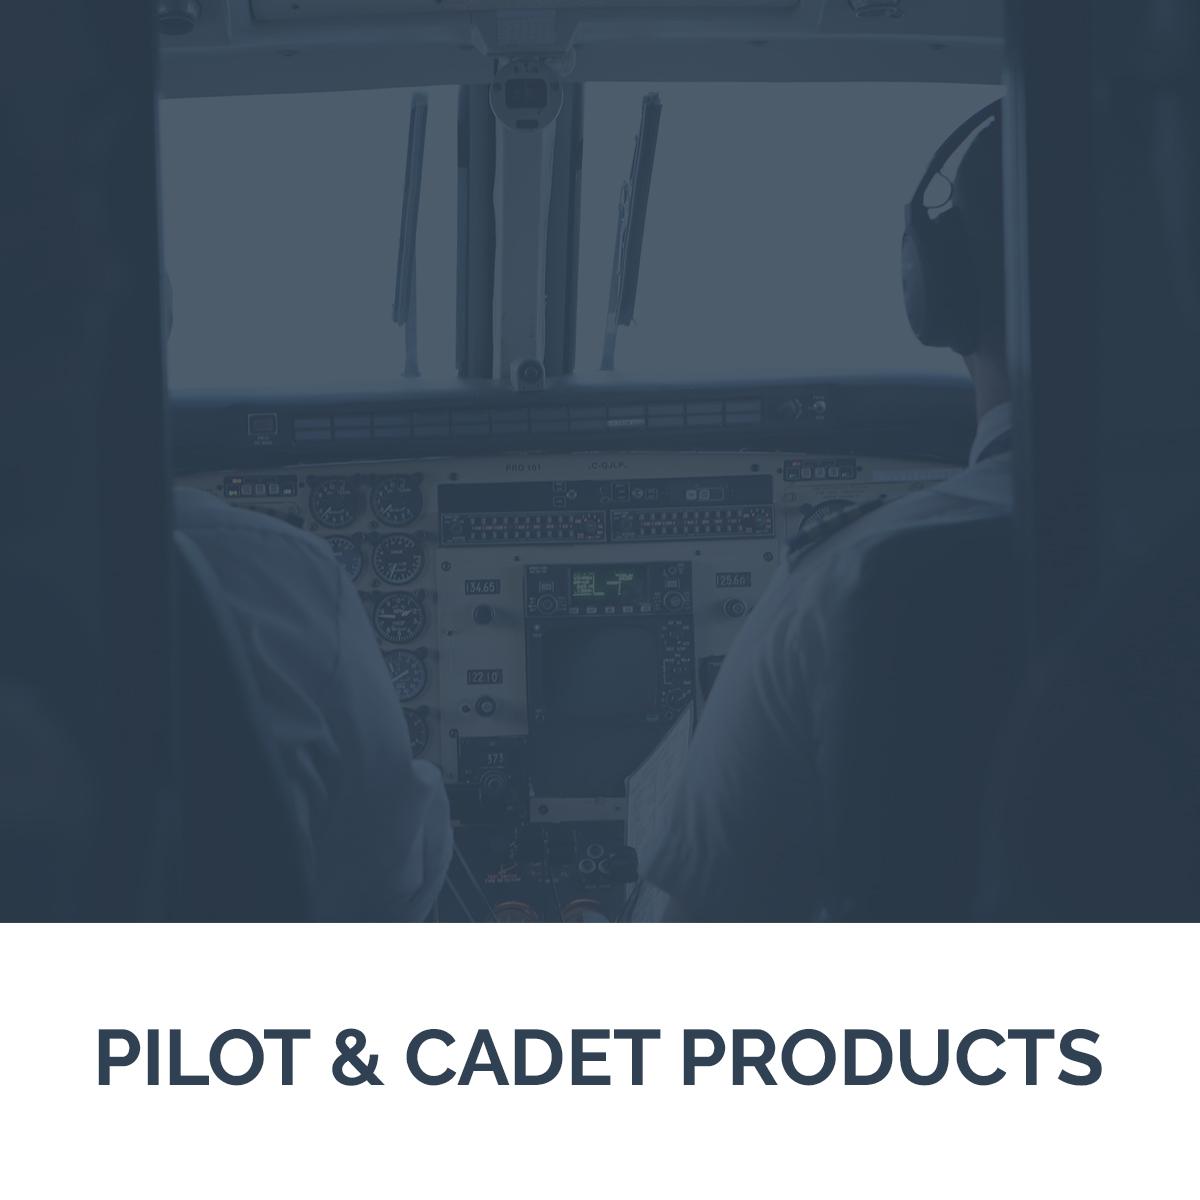 Pilot & Cadet Products